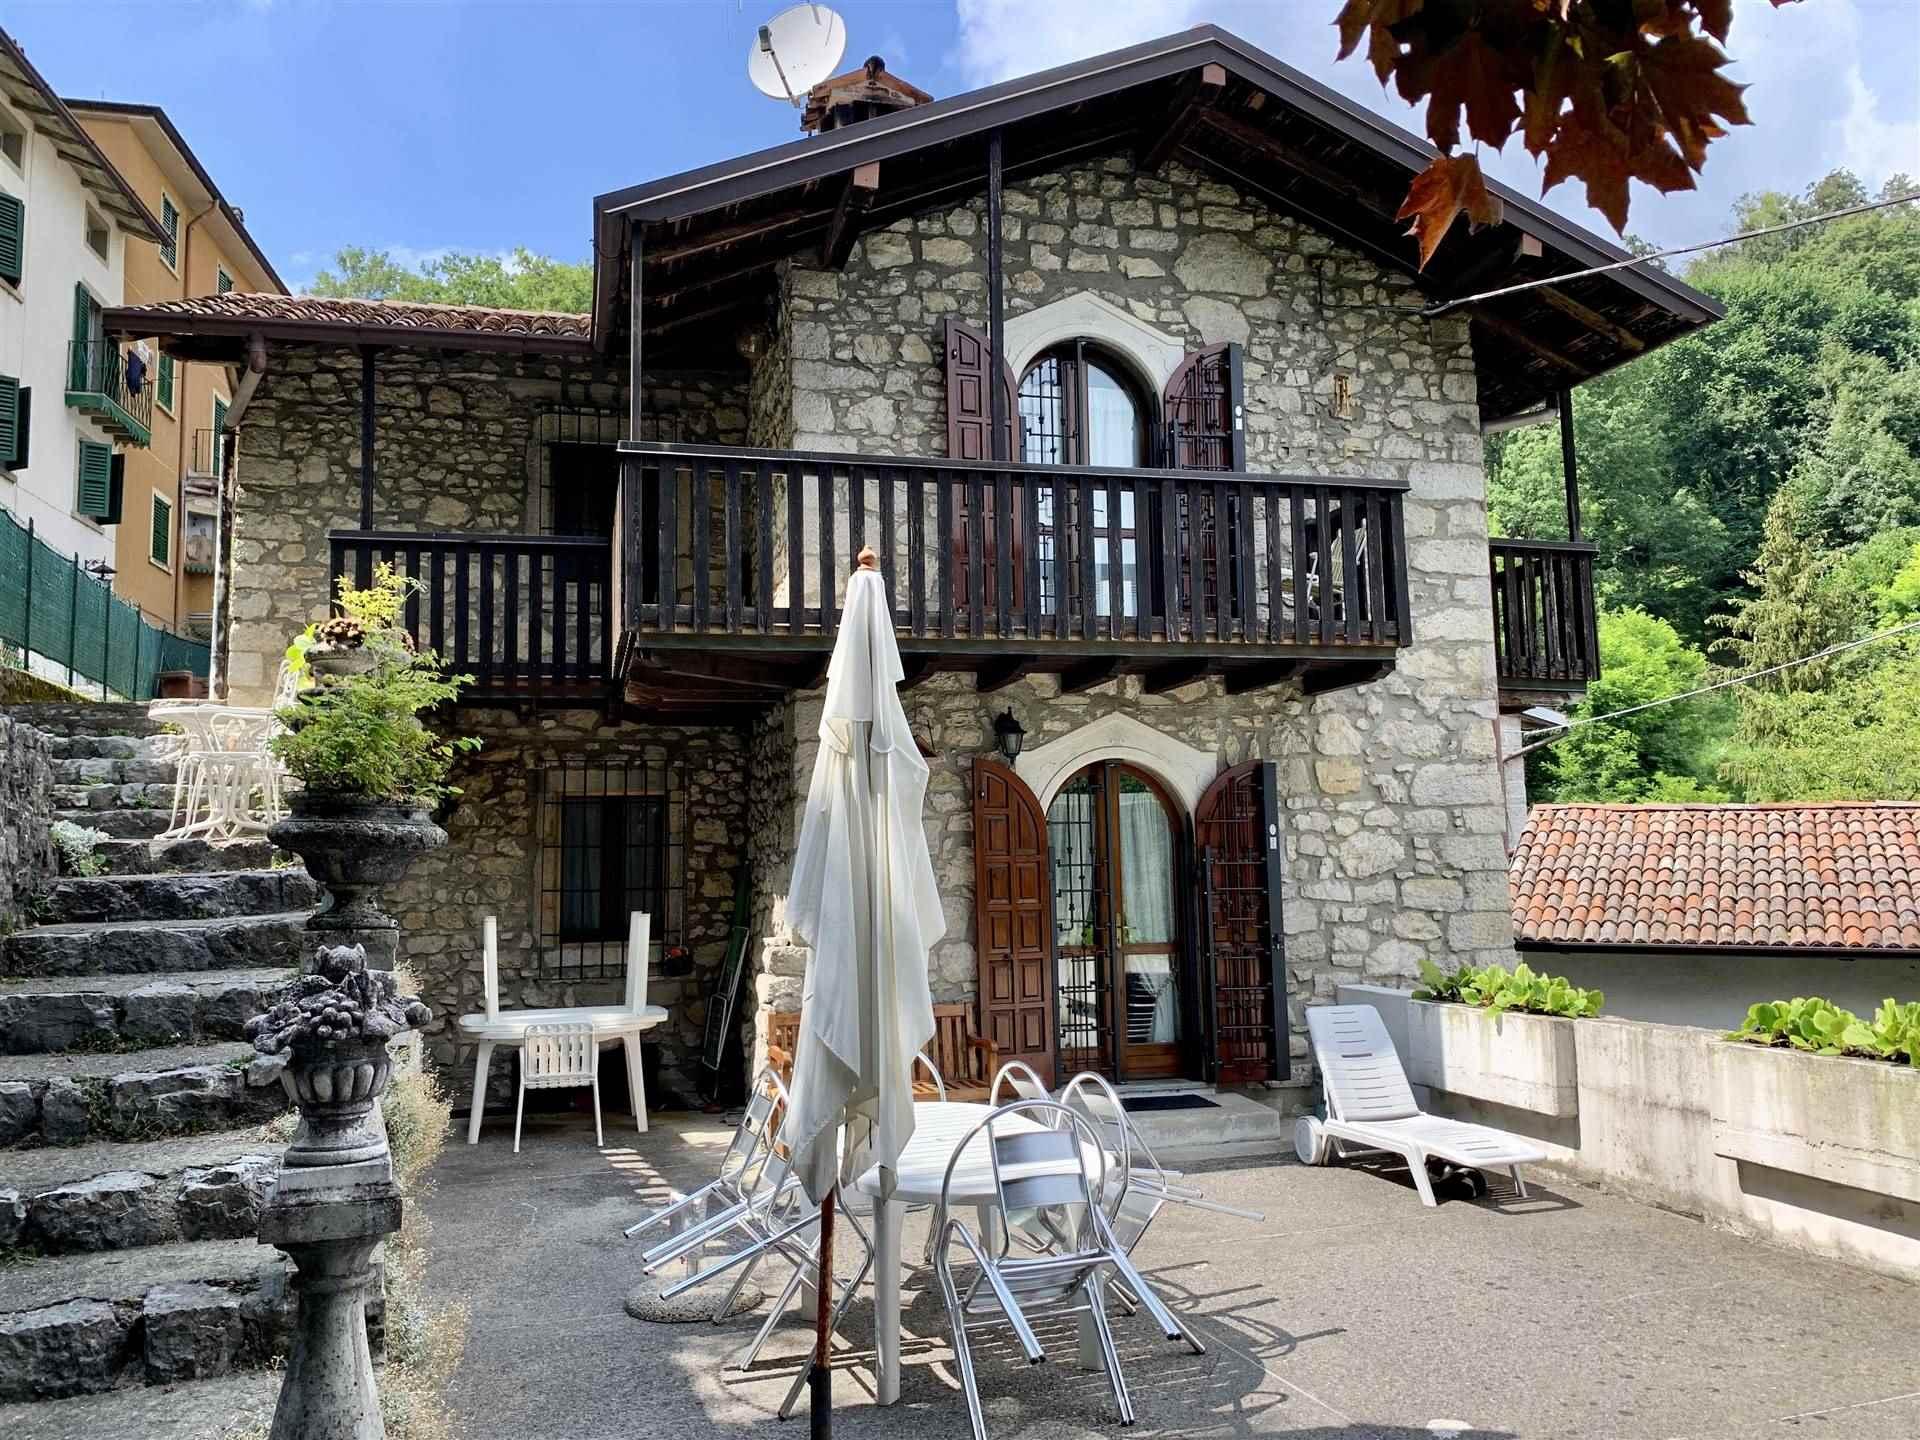 Rustico / Casale in vendita a Roncola, 3 locali, zona Località: SAN DEFENDENTE, prezzo € 260.000   PortaleAgenzieImmobiliari.it